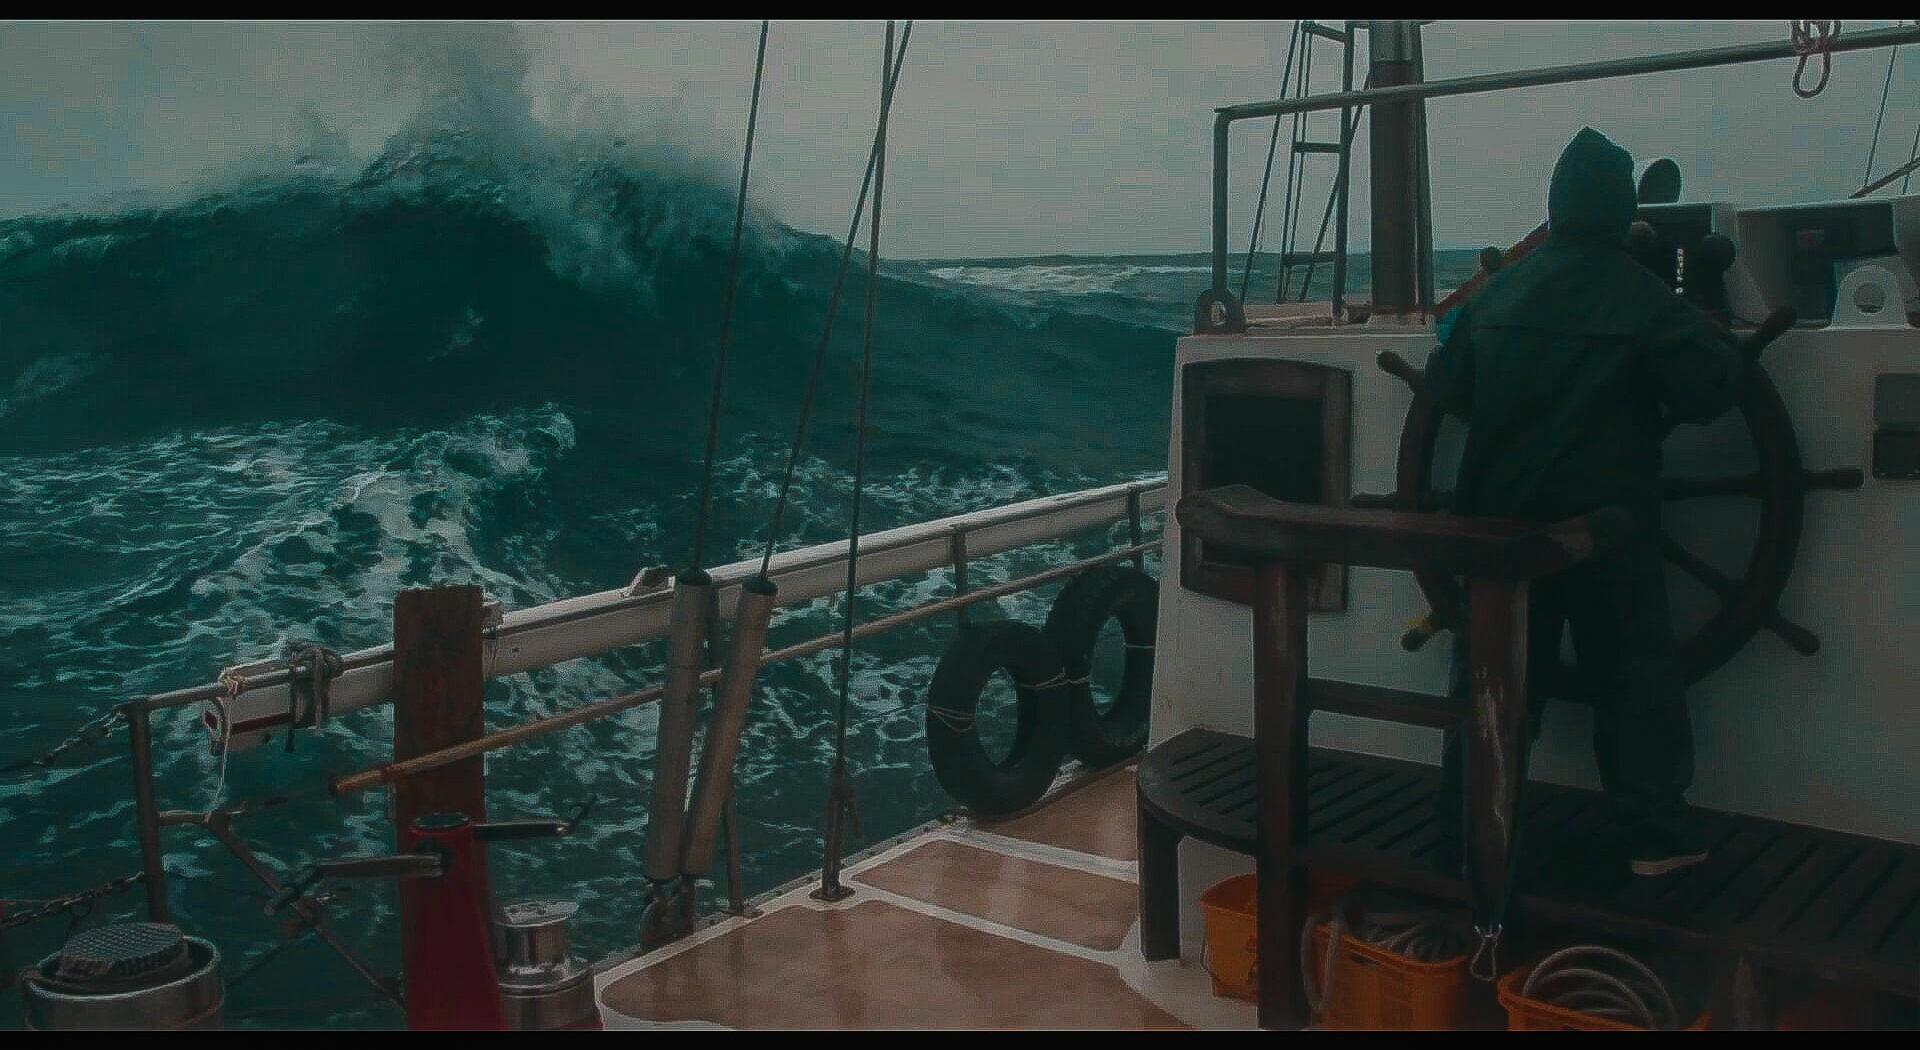 Nord-Atlanteren i oktober, trenger vi si mer… Fotoꓽ Tim Charody